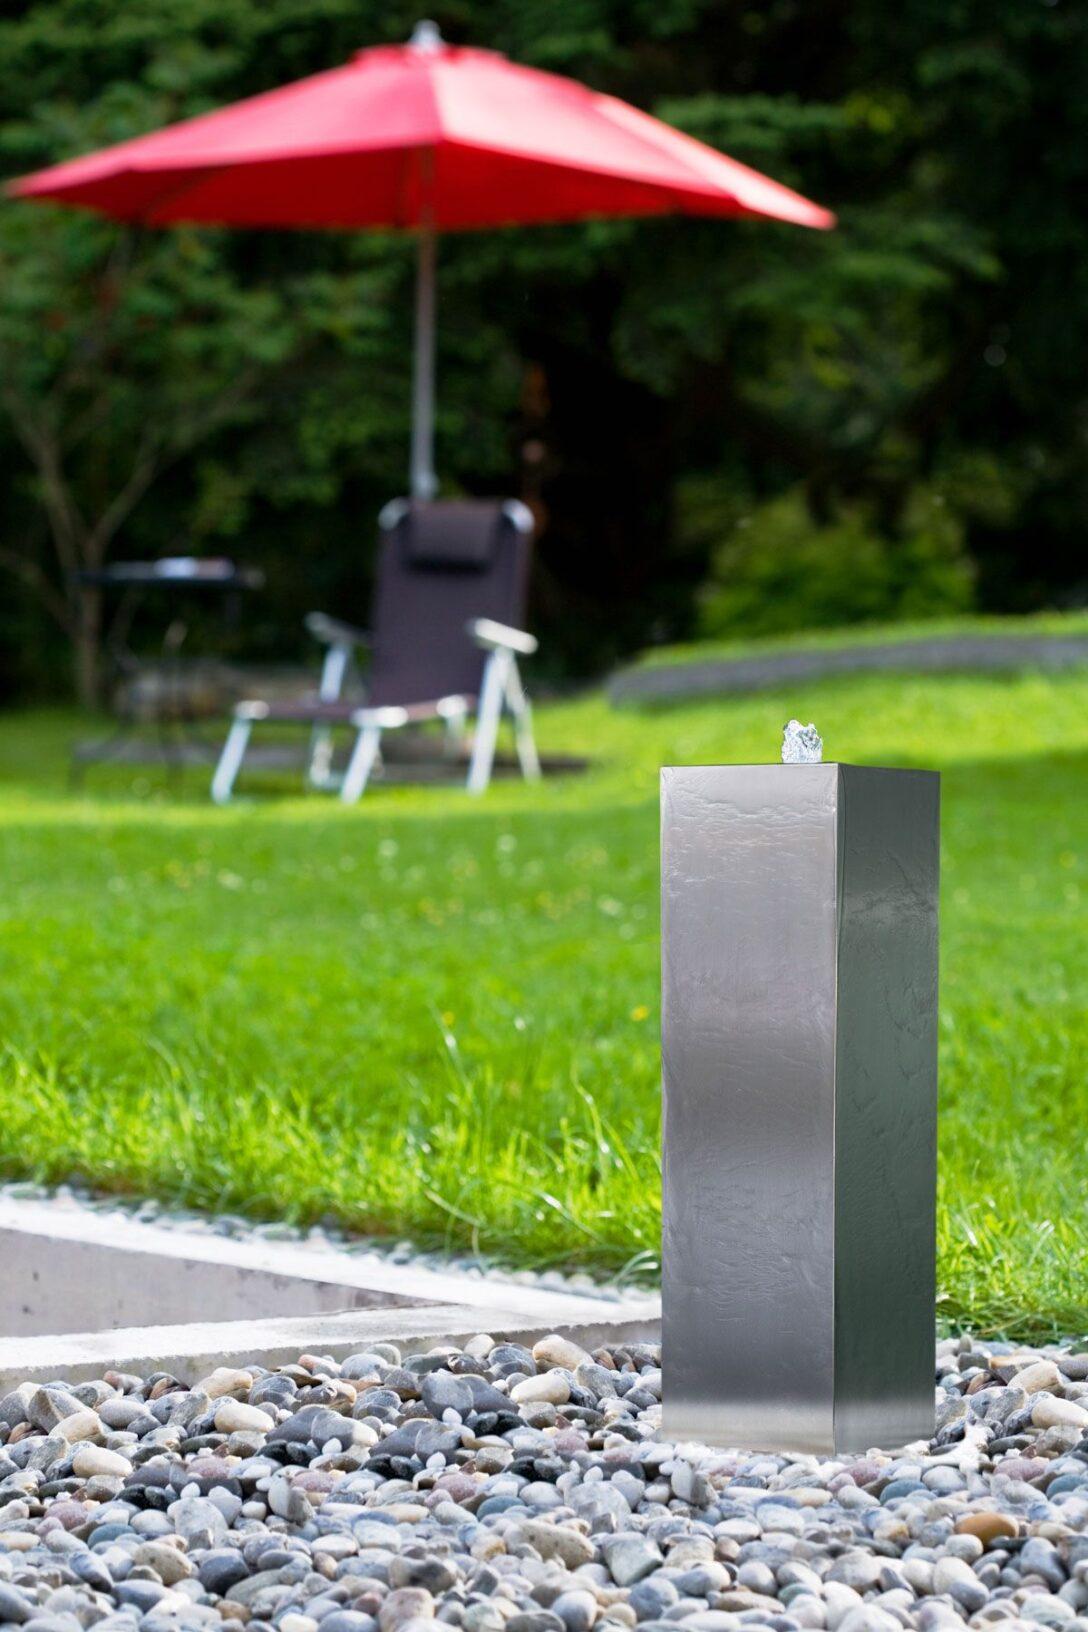 Large Size of Gartenbrunnen Pumpe Bauhaus Baumarkt Online Shop Brunnen Solarbrunnen Solar Bohren Wien Geradezu Majesttisch Wirkt Dieser Auf Seine Umgebung Fenster Wohnzimmer Bauhaus Gartenbrunnen